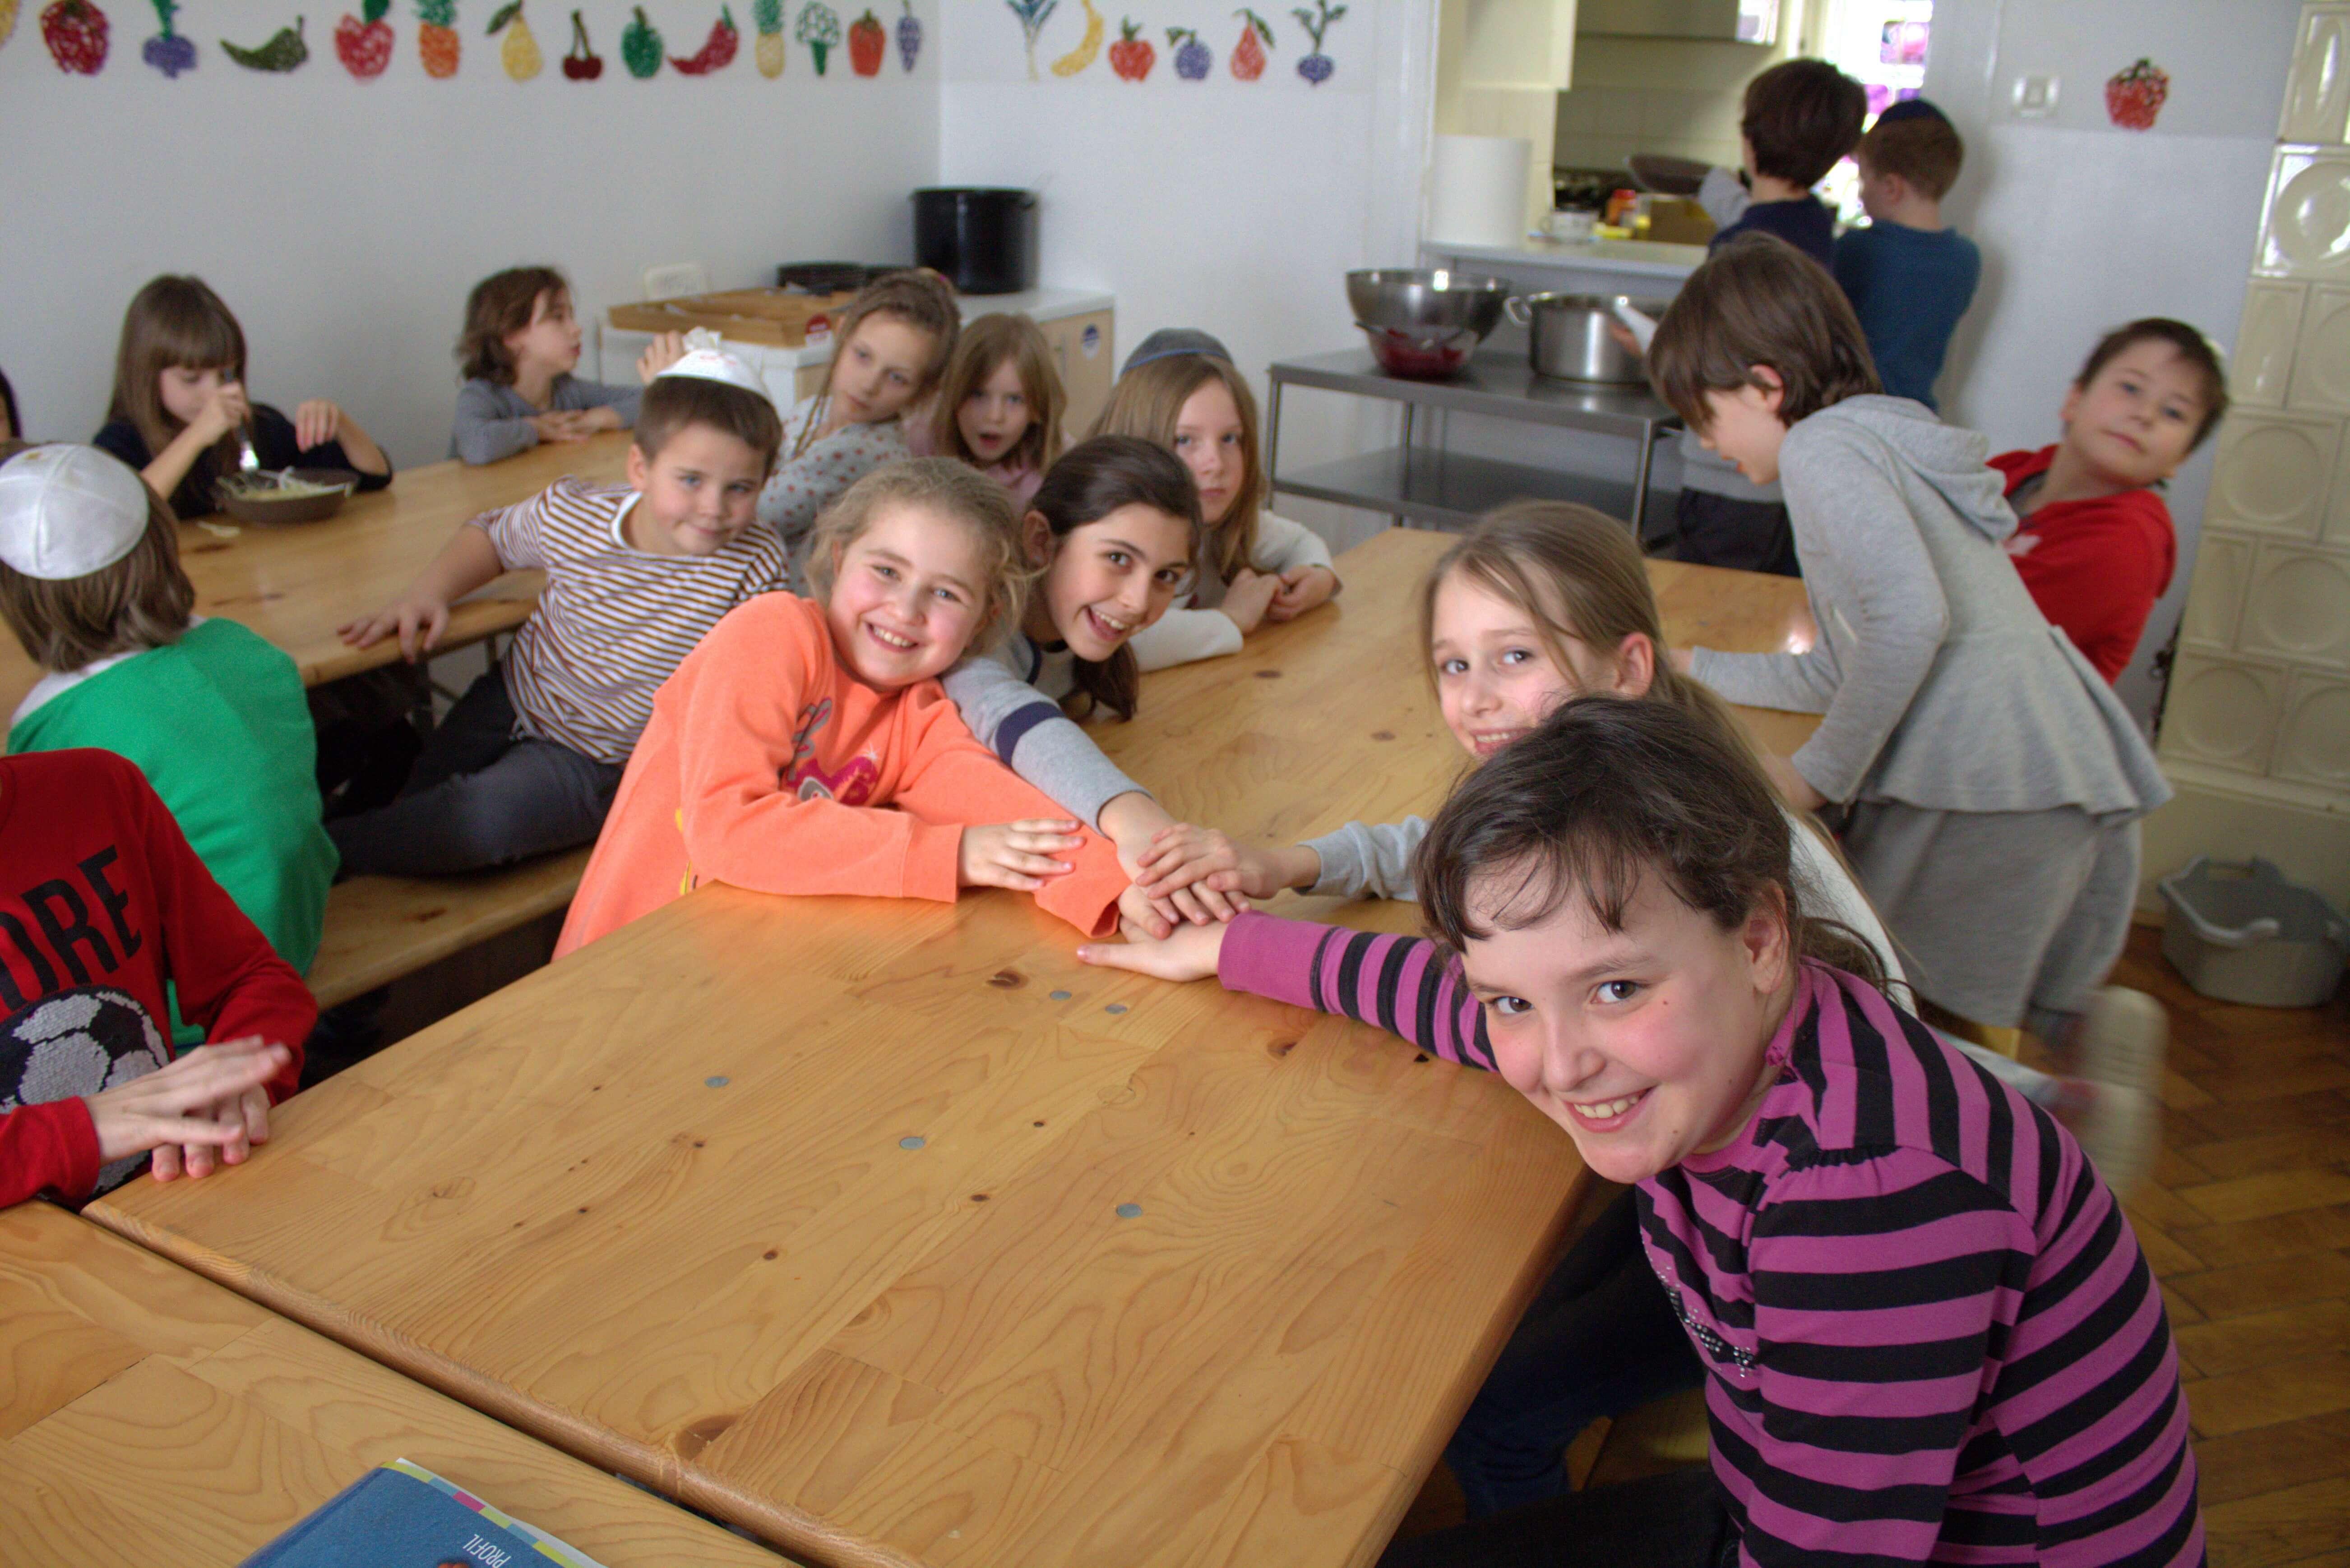 [LiDraNo '18] Pita li itko djecu? Potresan intervju s djevojčicom Anom P. o bolnom odlasku iz Hrvatske